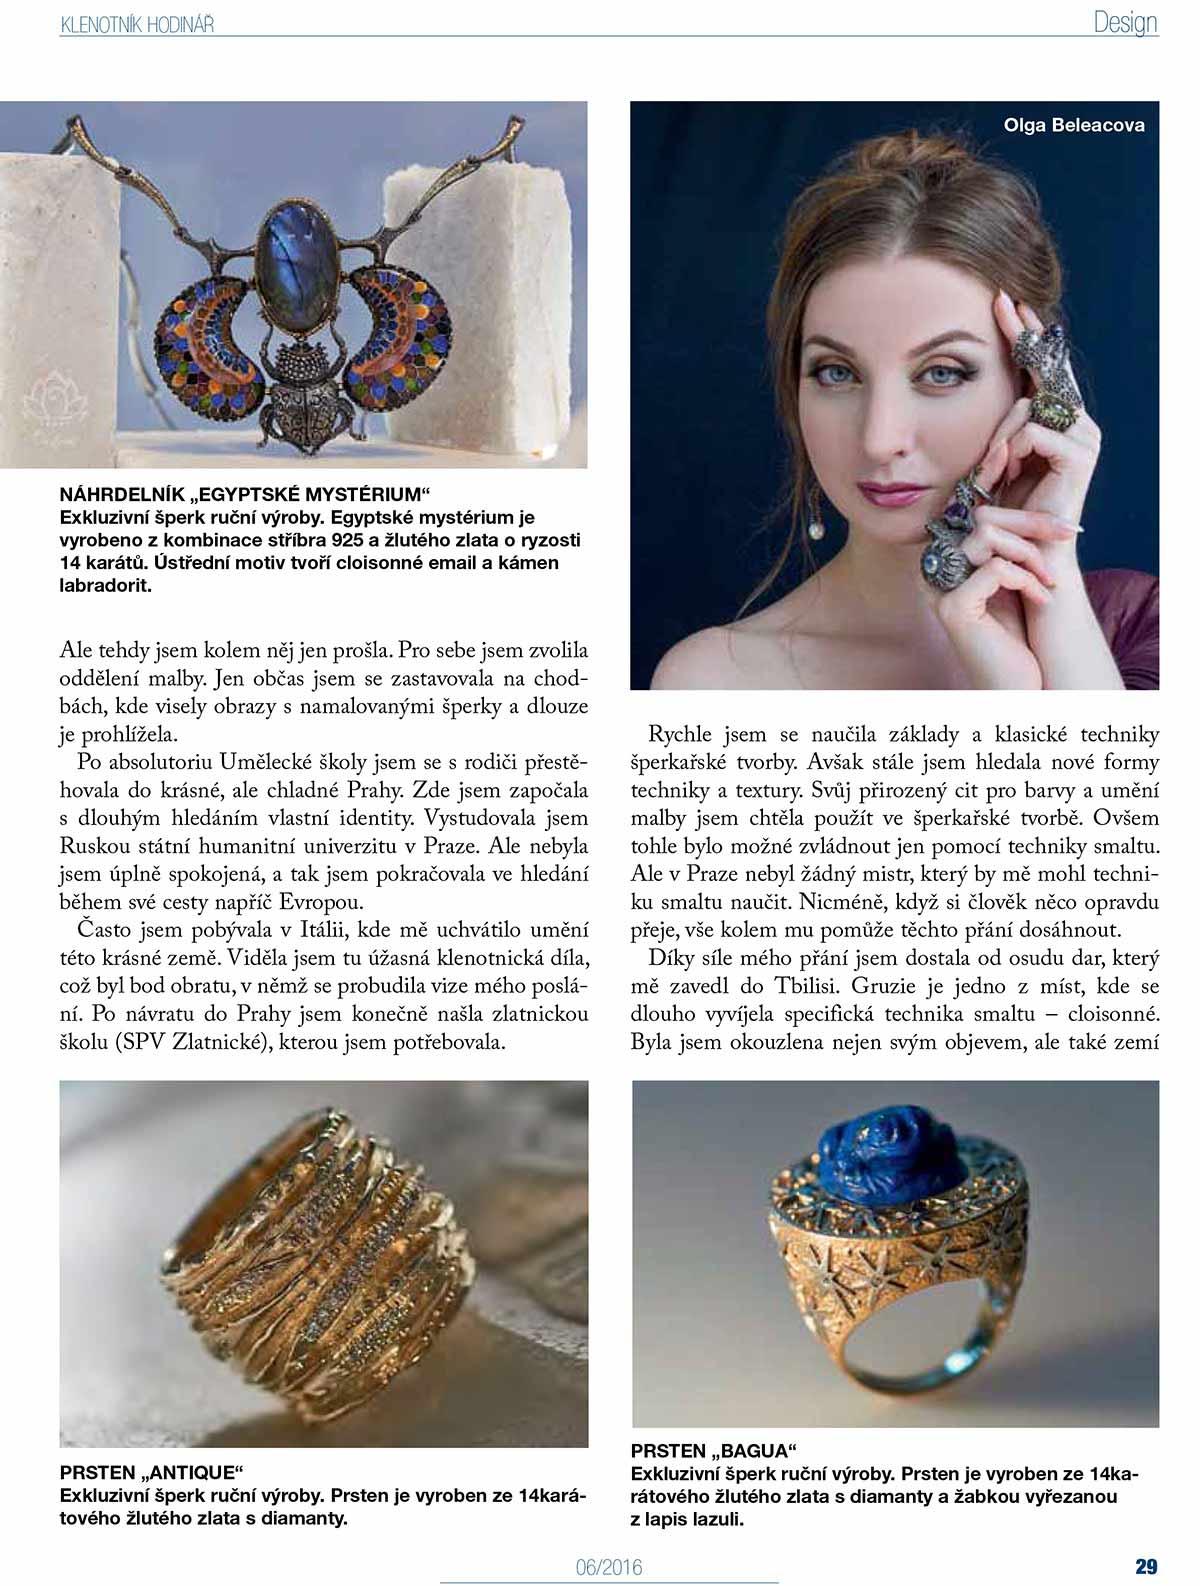 omalgami-olga-beleacova-jeweler3